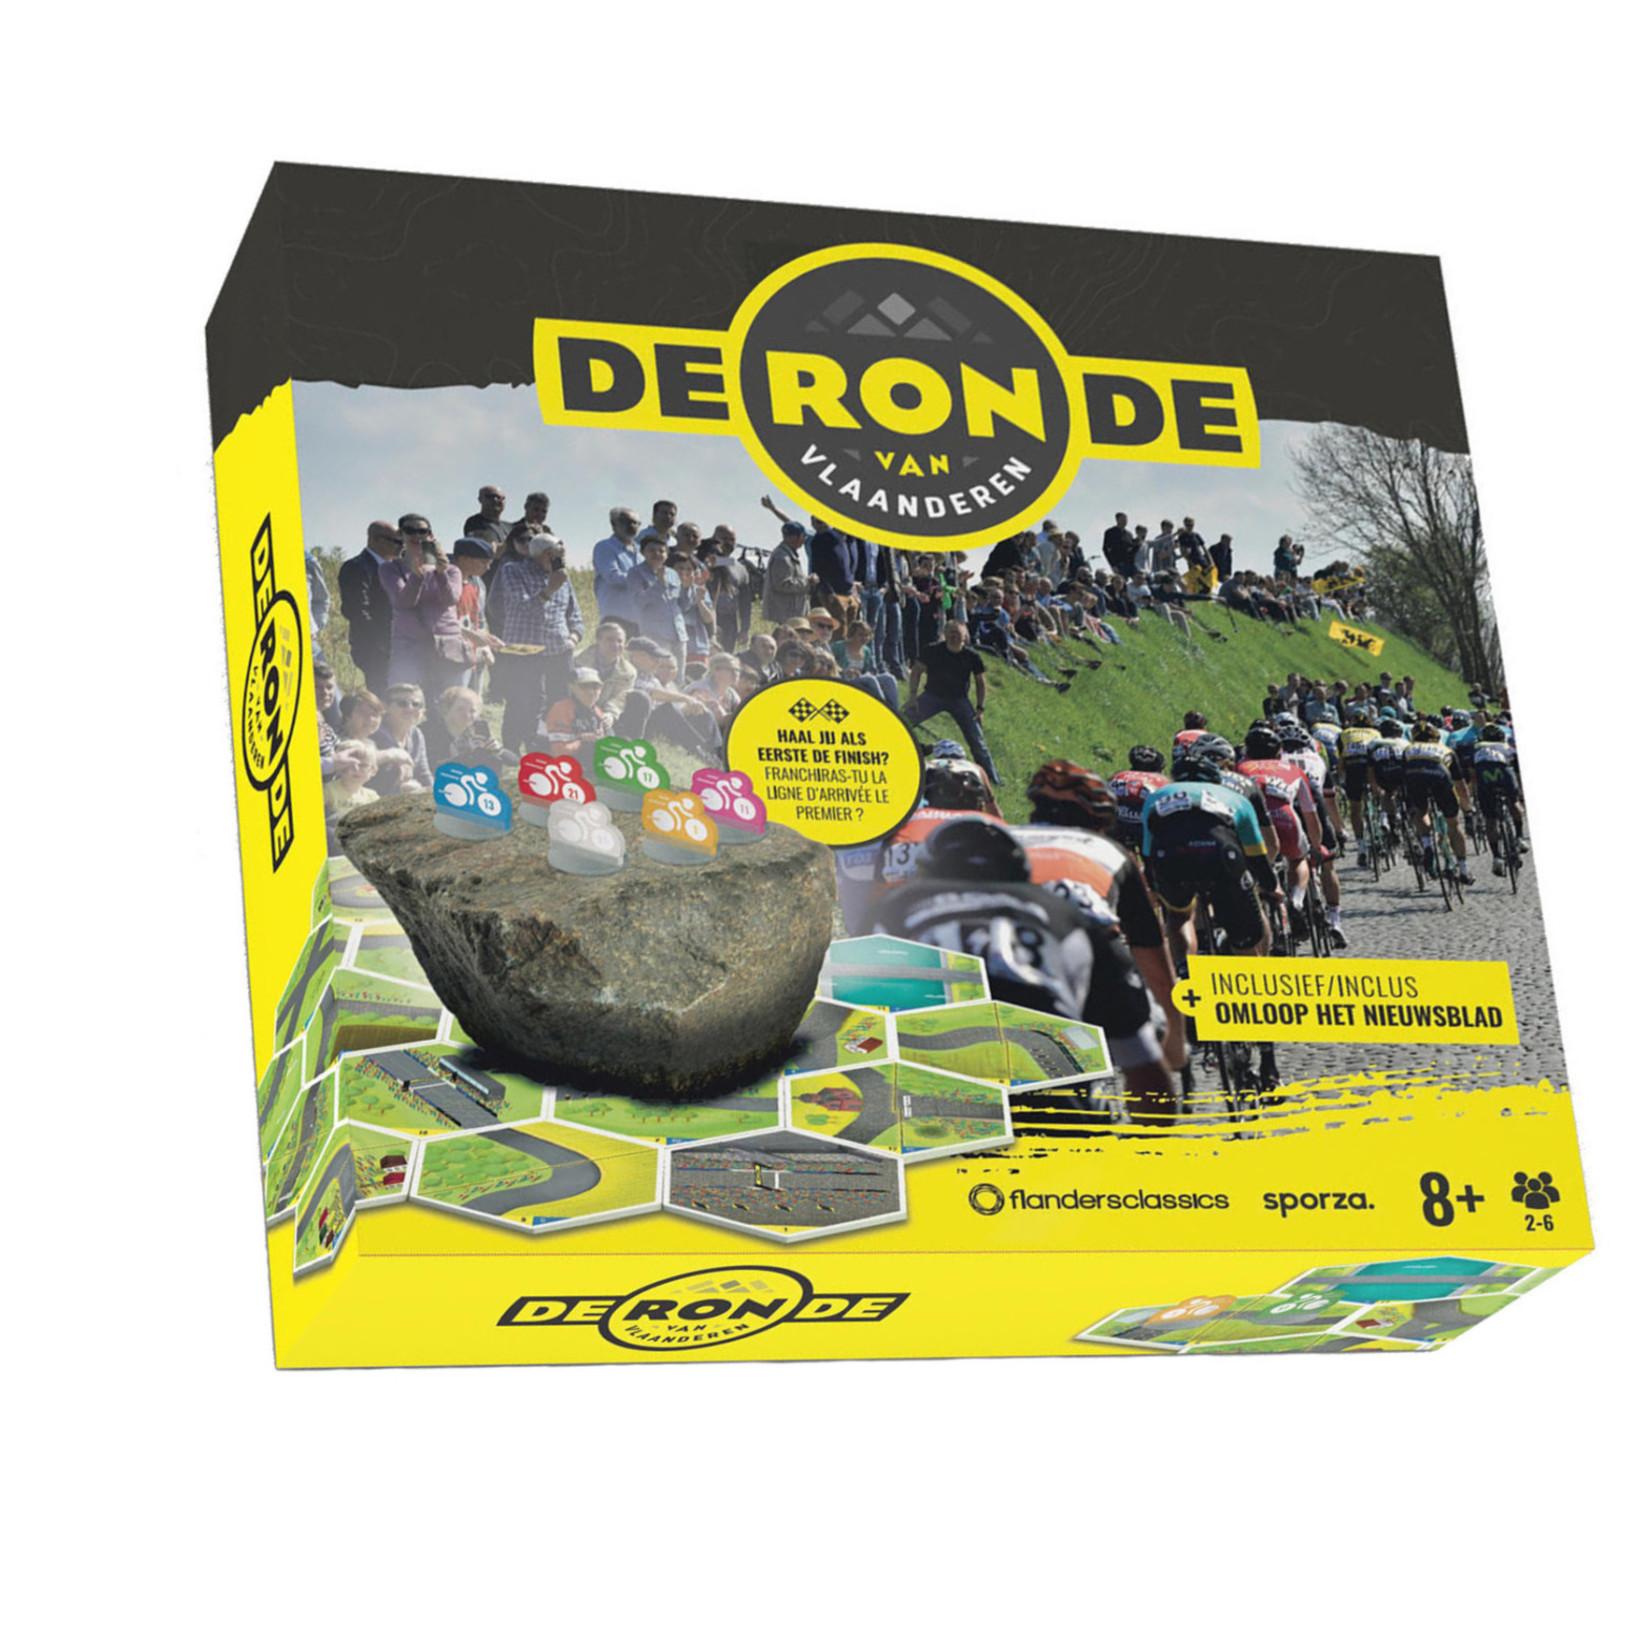 Ronde van Vlaanderen board game